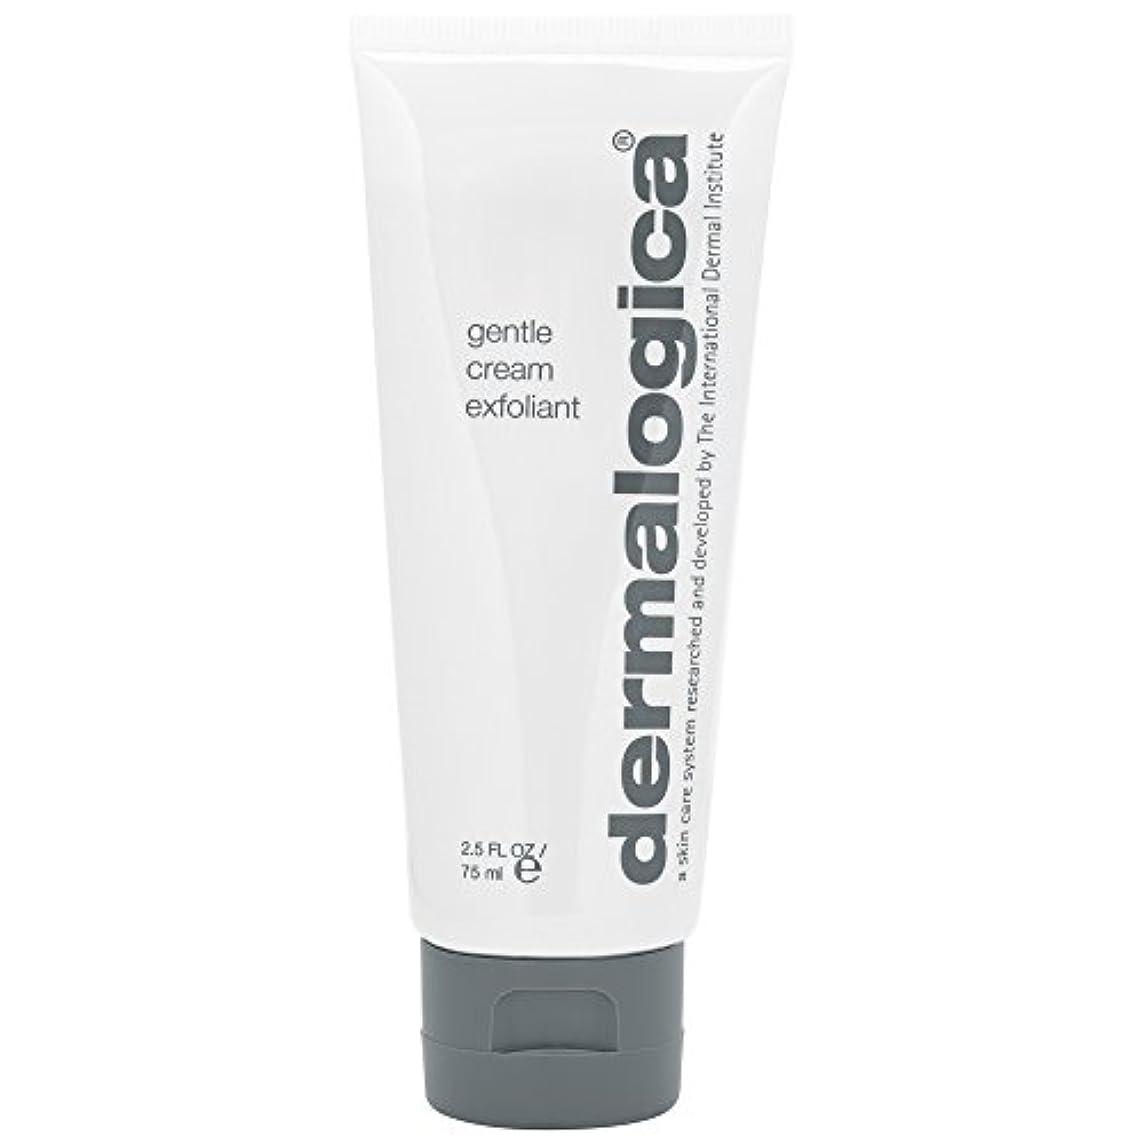 財産ルー継承ダーマロジカ優しいクリーム剥脱75ミリリットル (Dermalogica) (x6) - Dermalogica Gentle Cream Exfoliant 75ml (Pack of 6) [並行輸入品]